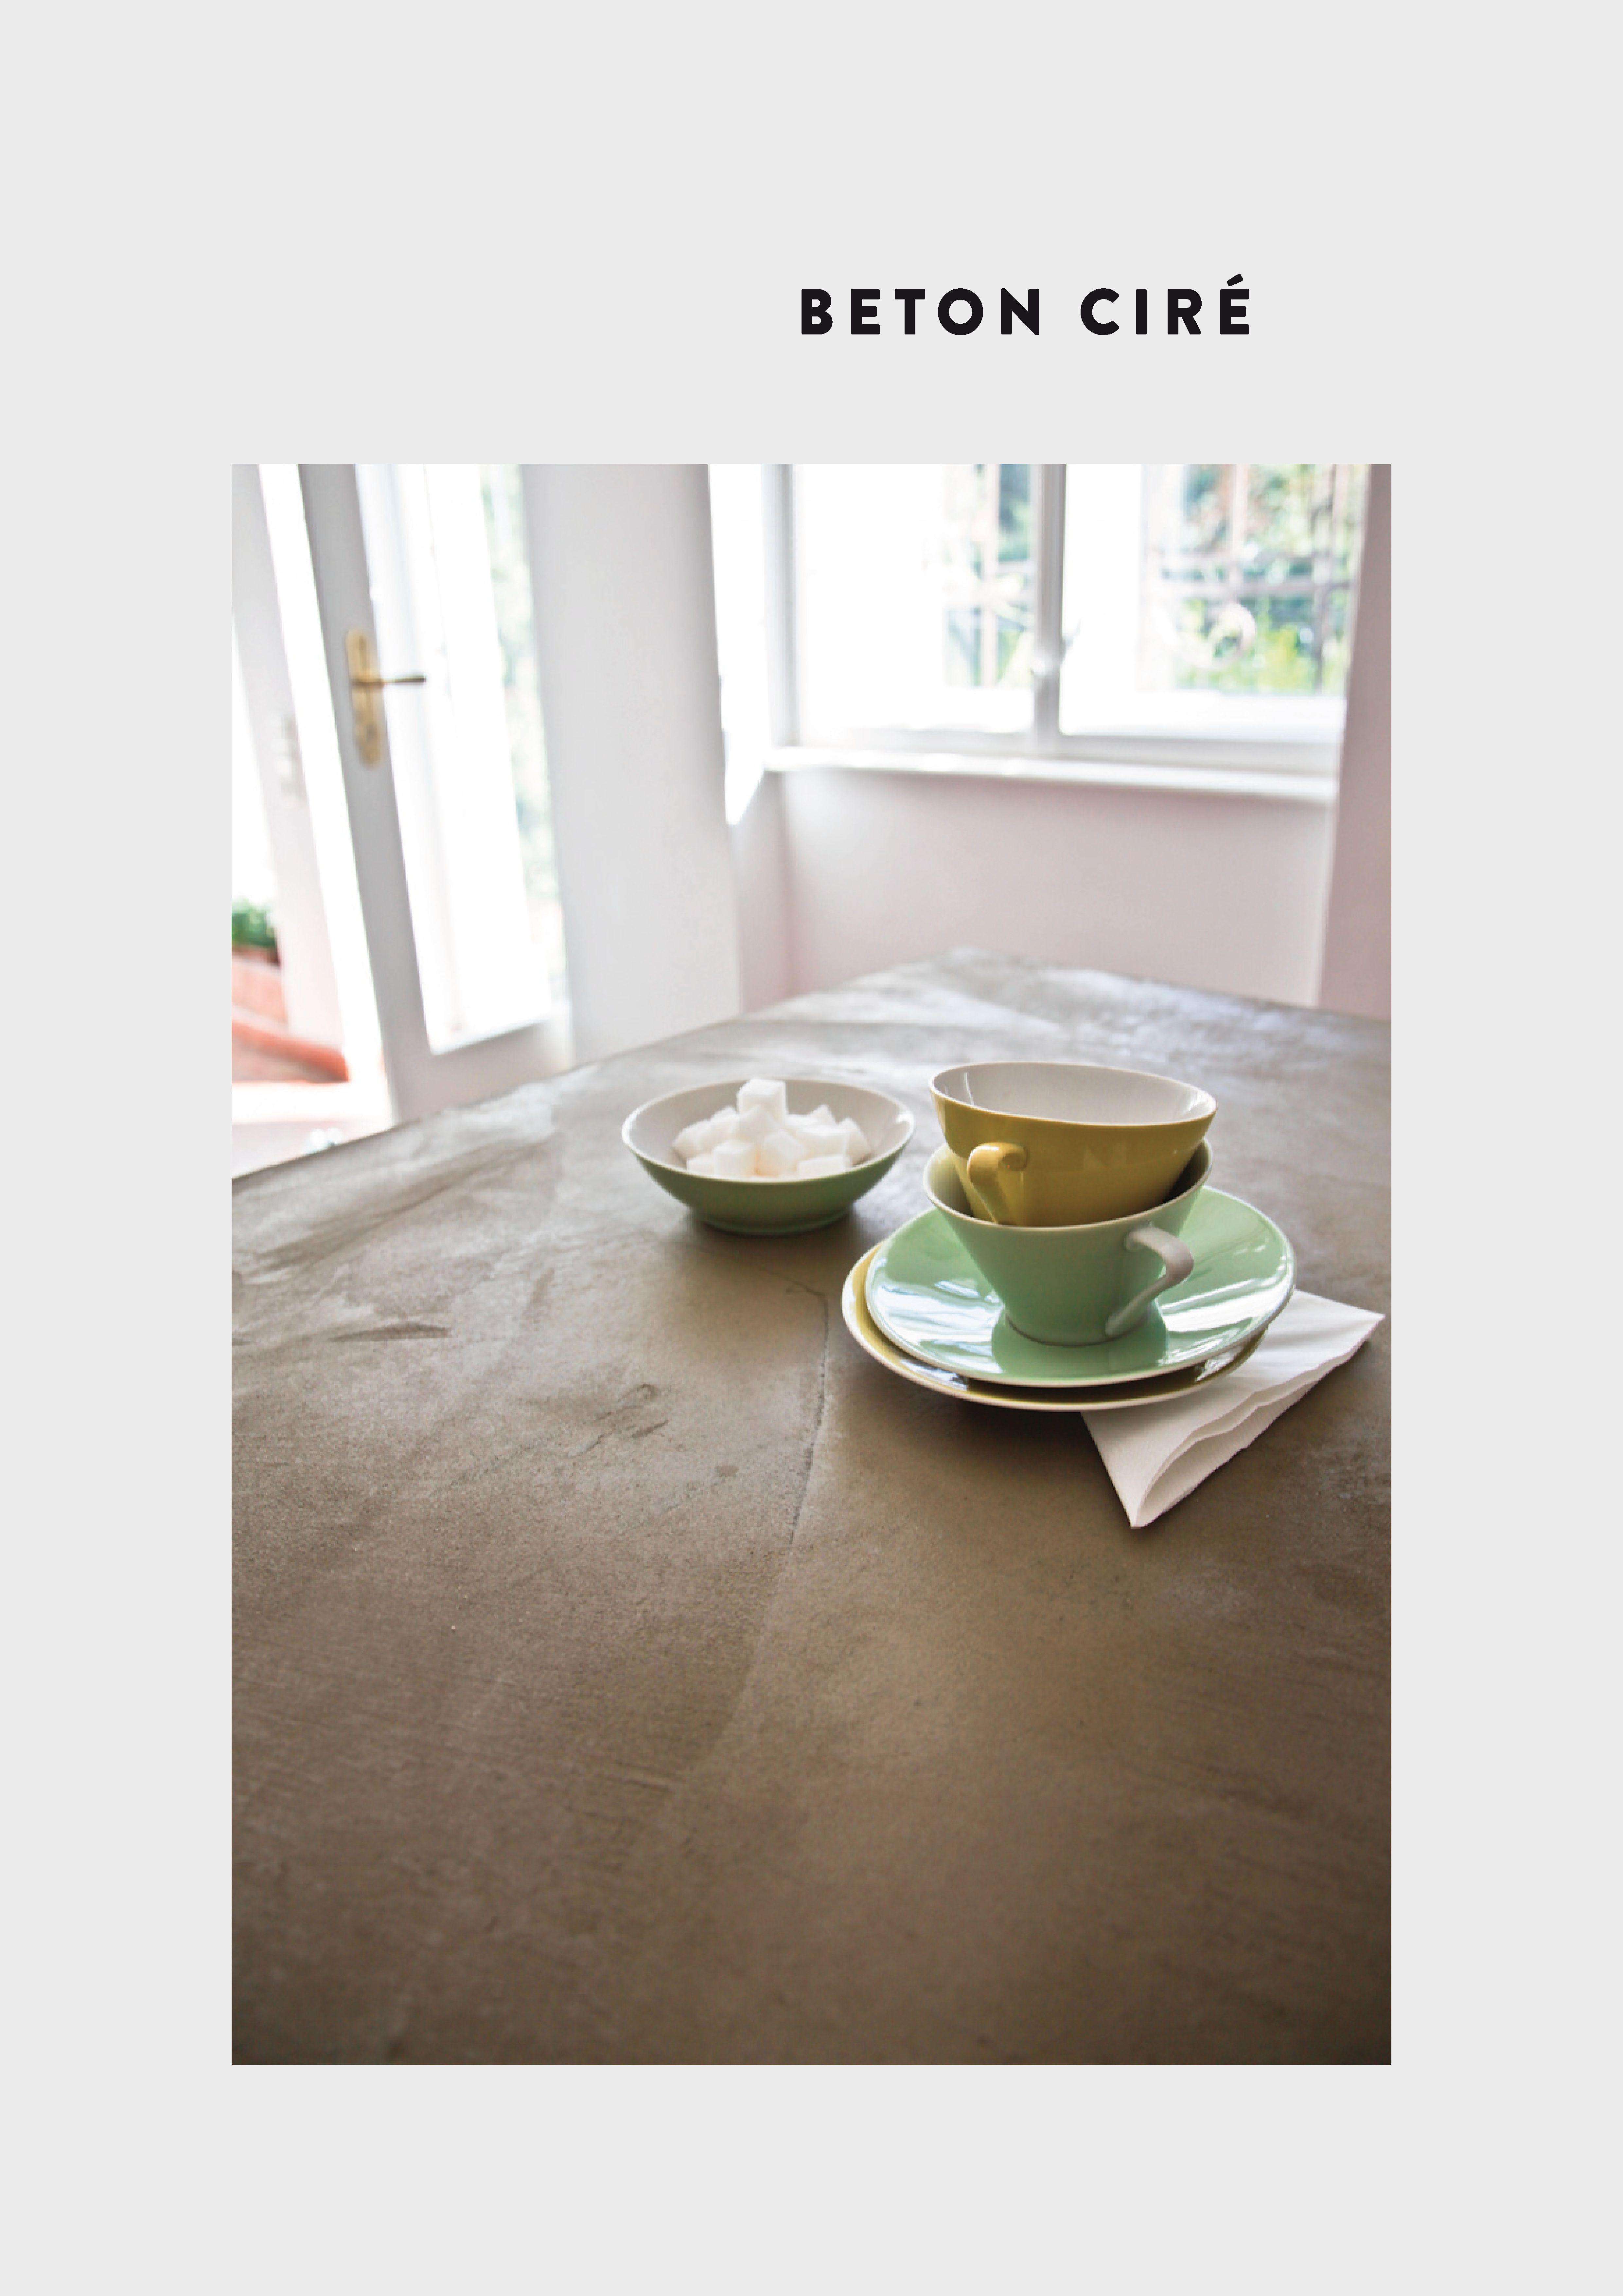 Kuchenarbeitsplatte Bespachtelt Mit Beton Cire Original Von Www